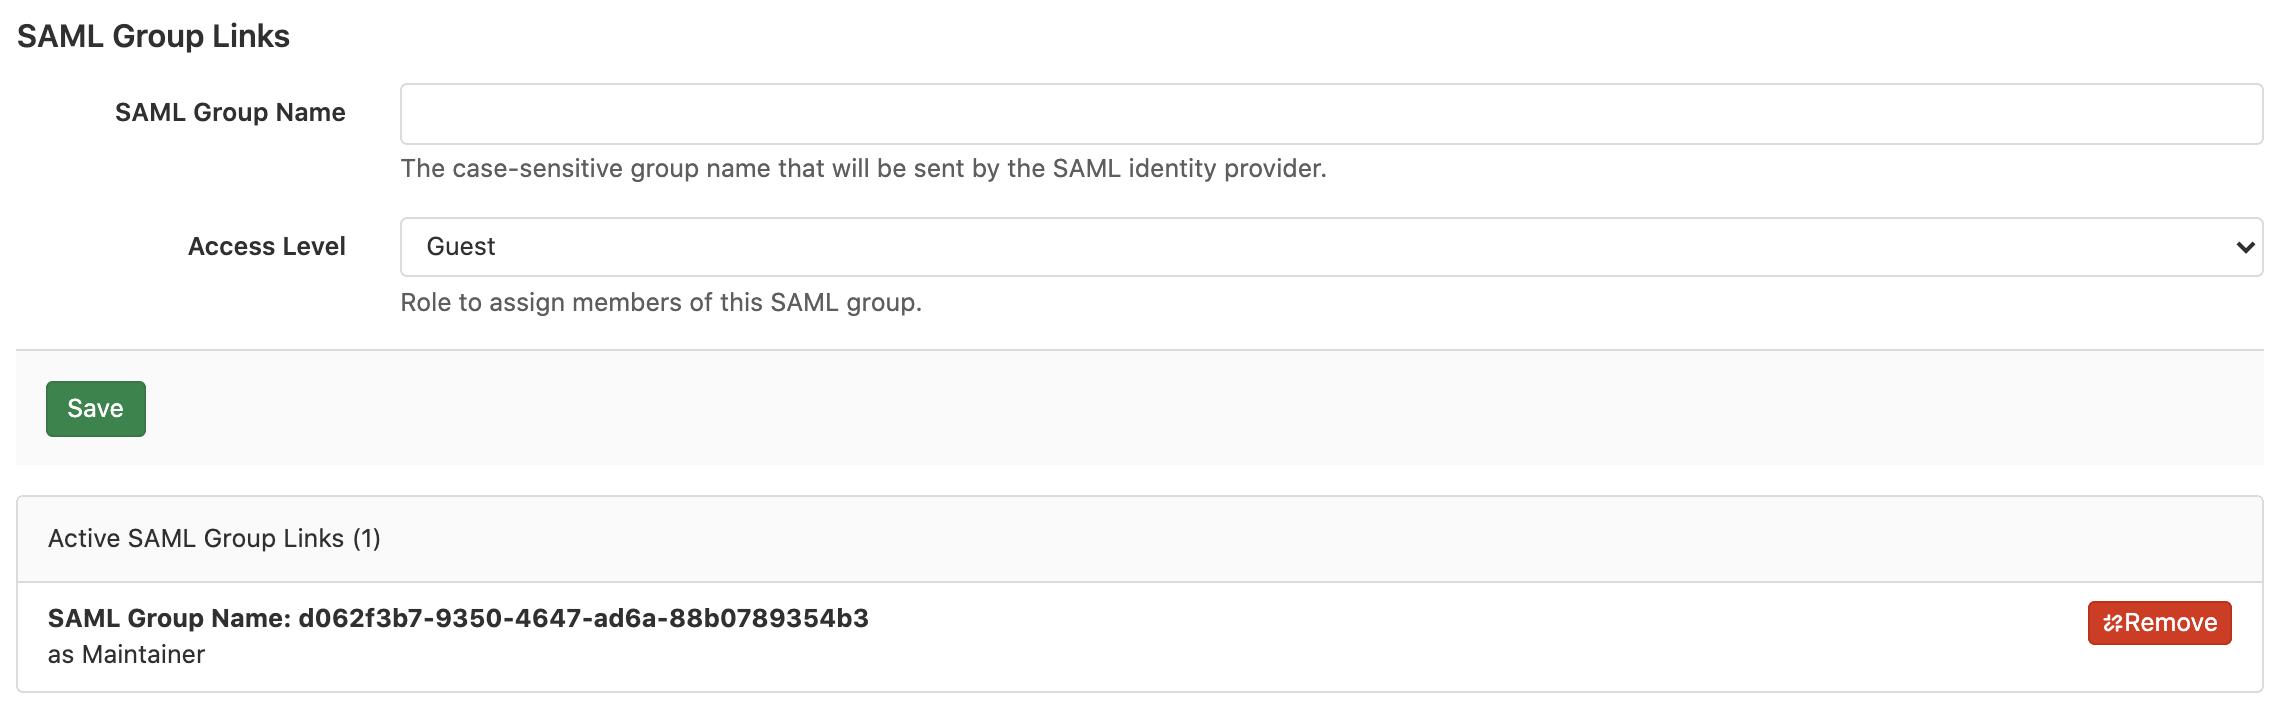 SAML Group Sync for GitLab.com